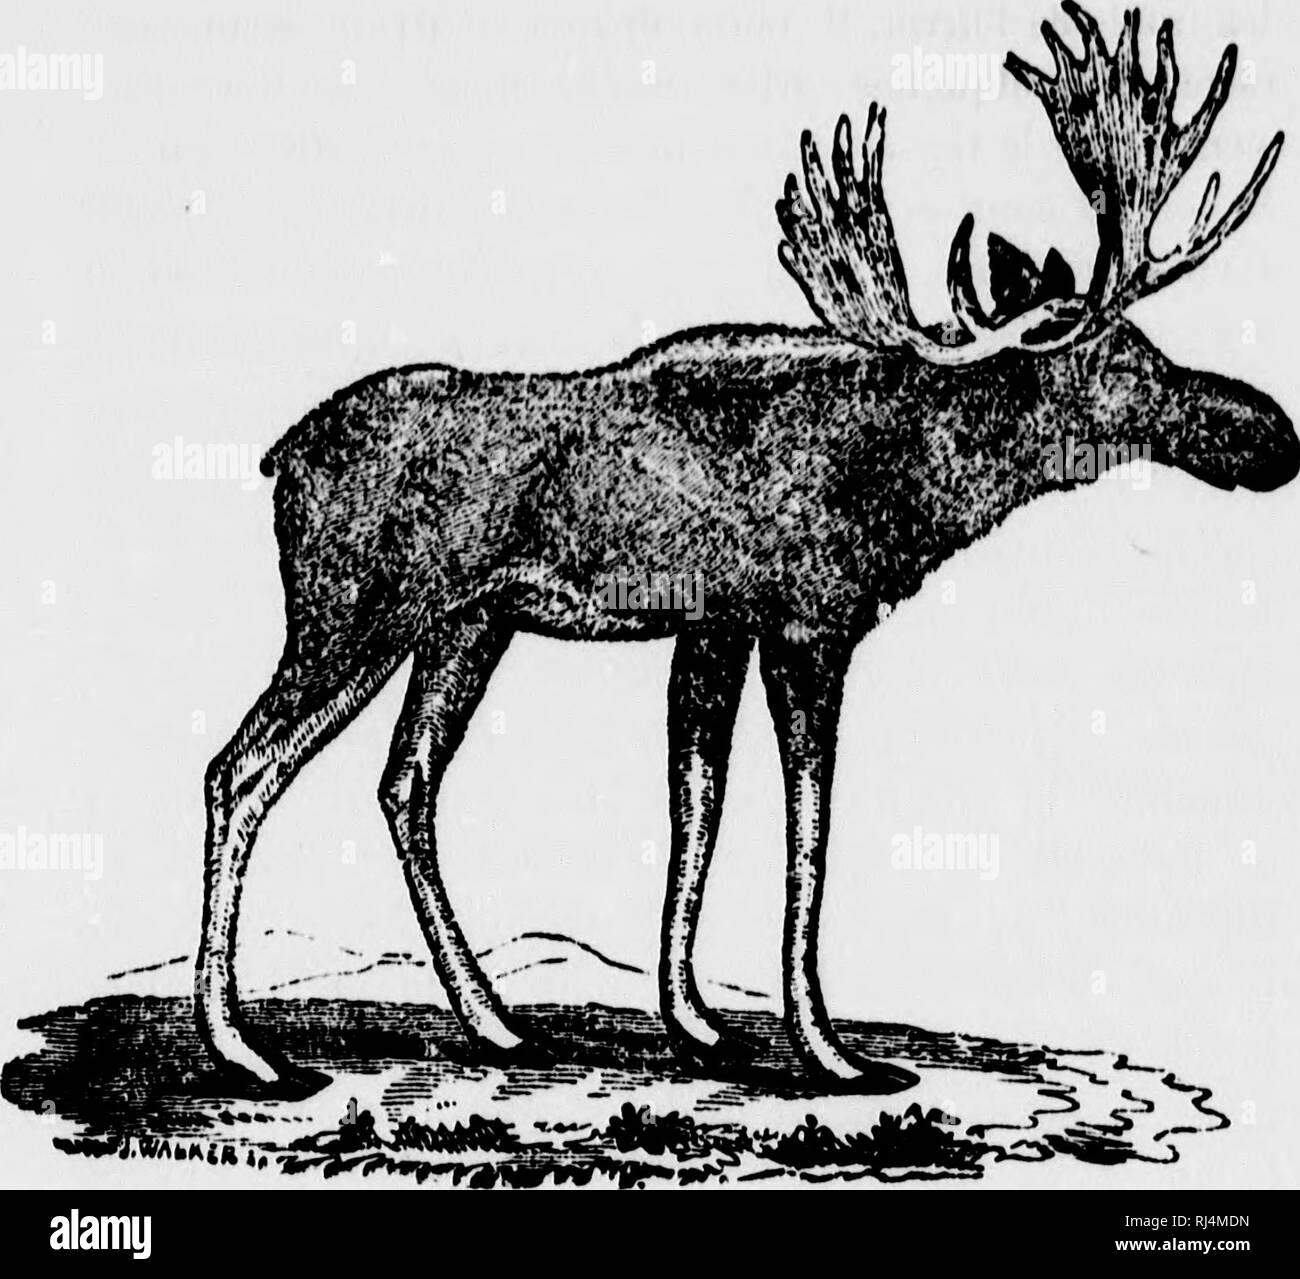 . Chasse et pêche au Canada [microforme]. Chasse, chasse, Pêche Pêche sportive; sportive; chasse; la chasse, la pêche, la pêche. L'ORIGNAL (AI.C'KS. amkimcana) L'Oiigiiuil uffoii iiumnio que lîalso l'Elan, ]mi .sa taille est le roi de l'espèce. Uu. vuniiiiant Imaginez colo-sul, peu dlégant de formes, niuui d'une tête lourde et massive, ornée d'un buis pesant 70 livres, à'OO portant auiple¨- nià ie, aussi haut qu'un grand clievul, atteignant jusqu'à huit pieds en stature et qniuze cents livres en pesanteur, et vous avez un orignal adulte, un vieux mâle. Poignée de commande. Veuillez noter que ces Photo Stock